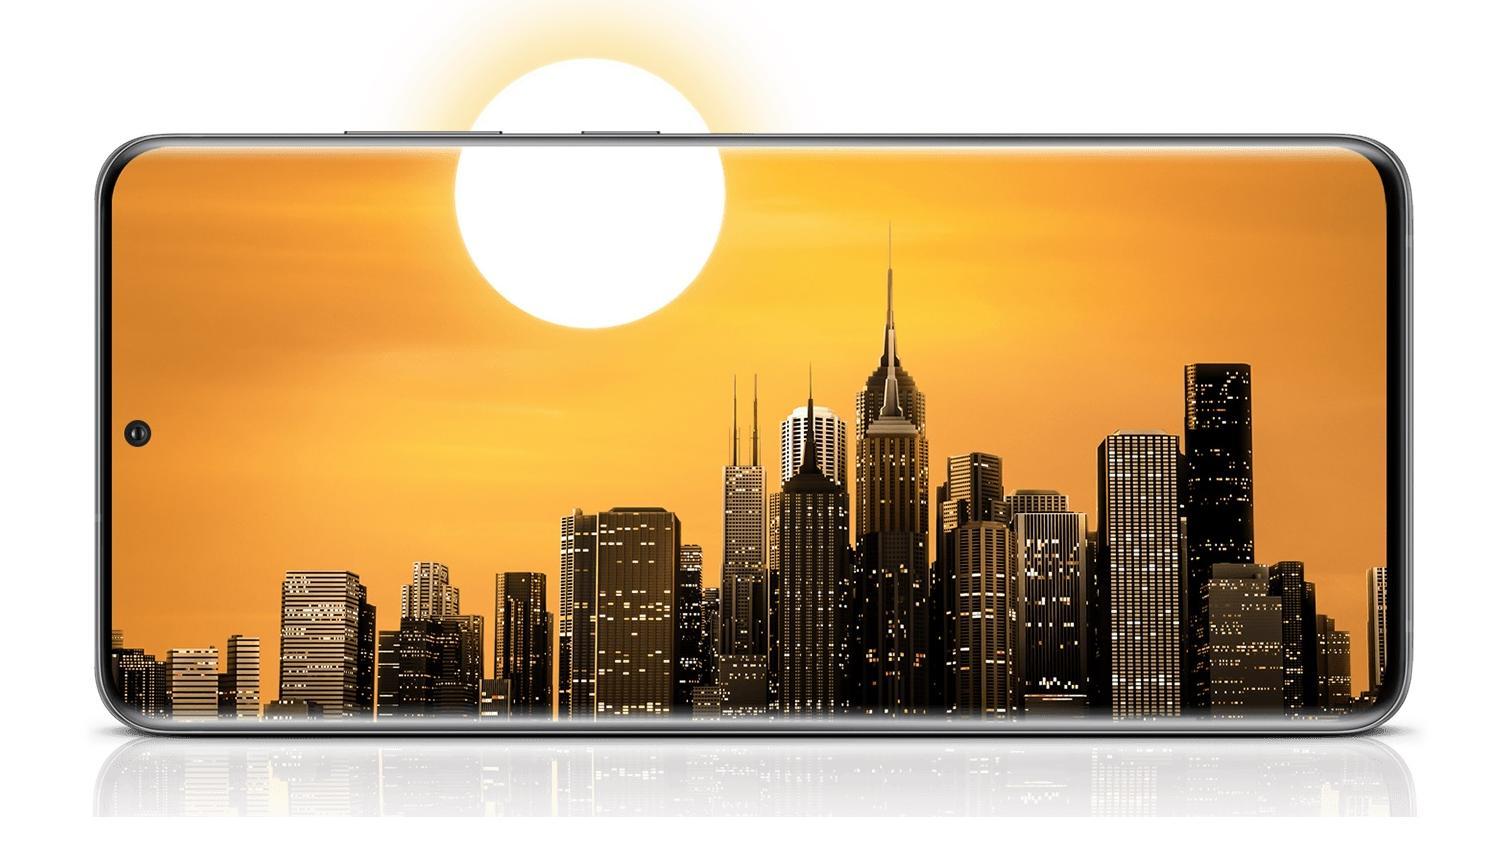 Das Samsung Galaxy S20 unterstützt schon den 5G-Standard.